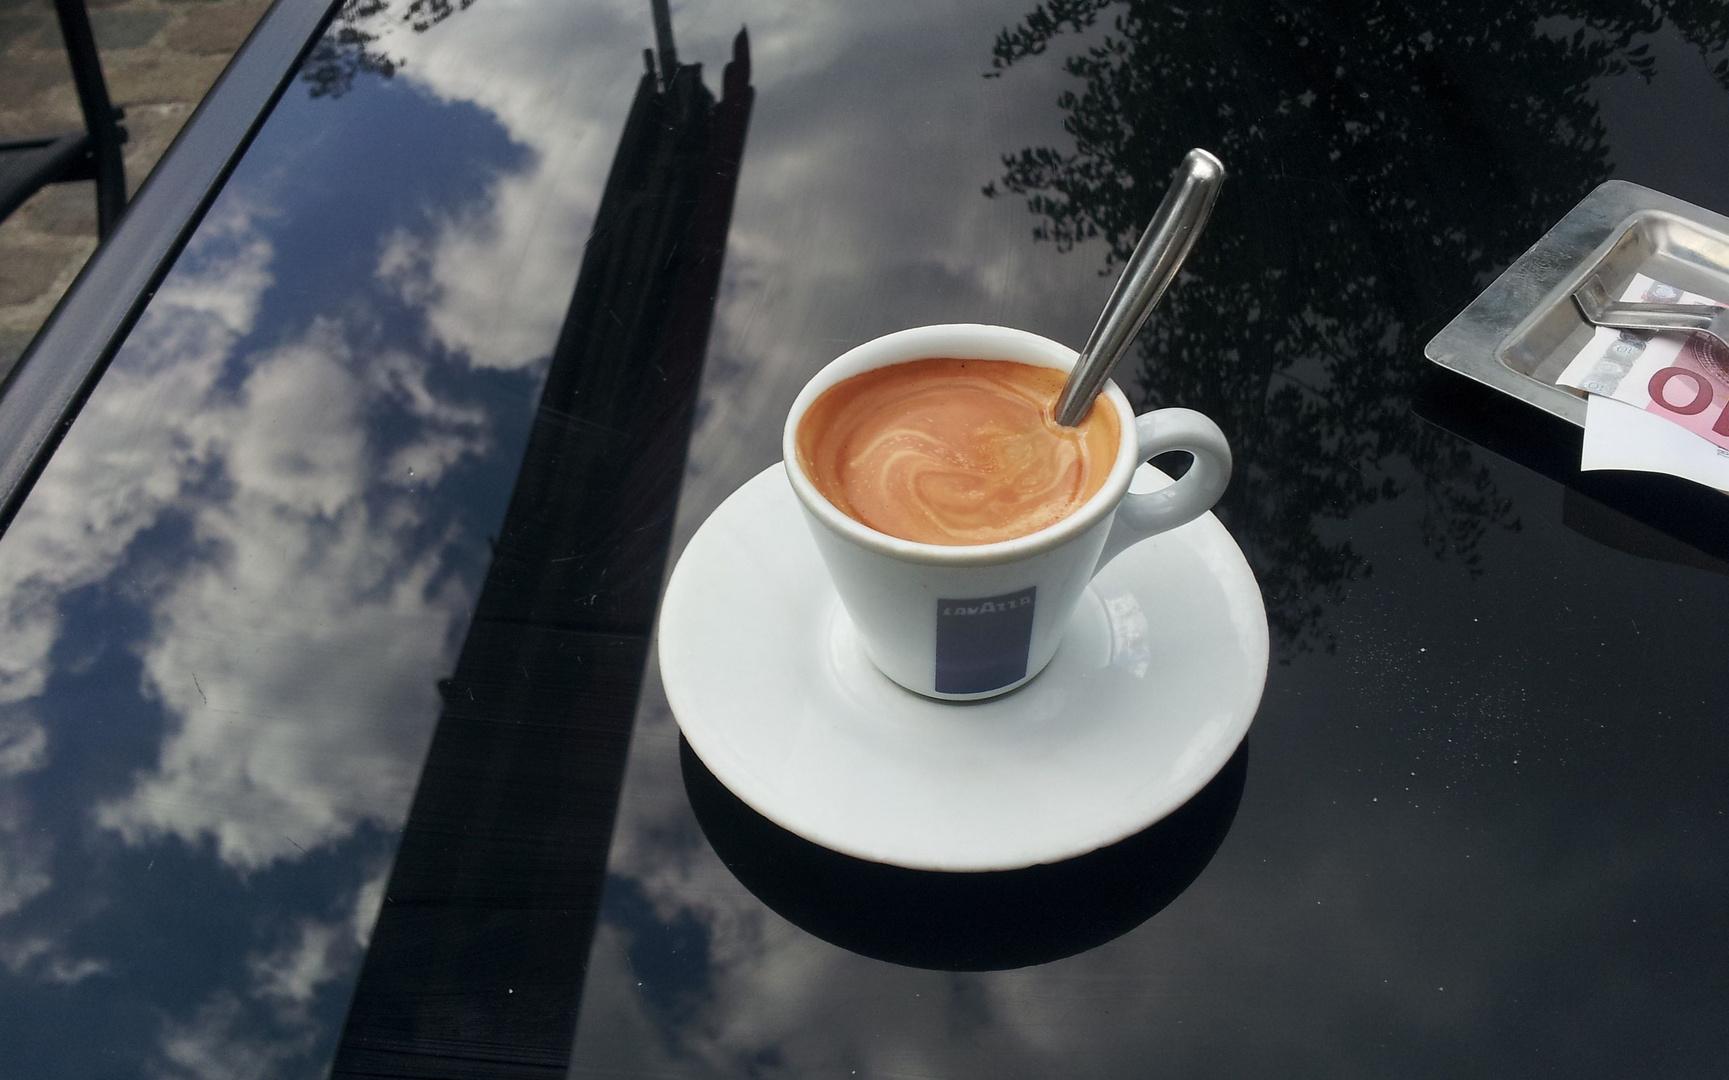 UN CAFÉ ET L'ADDICTION...